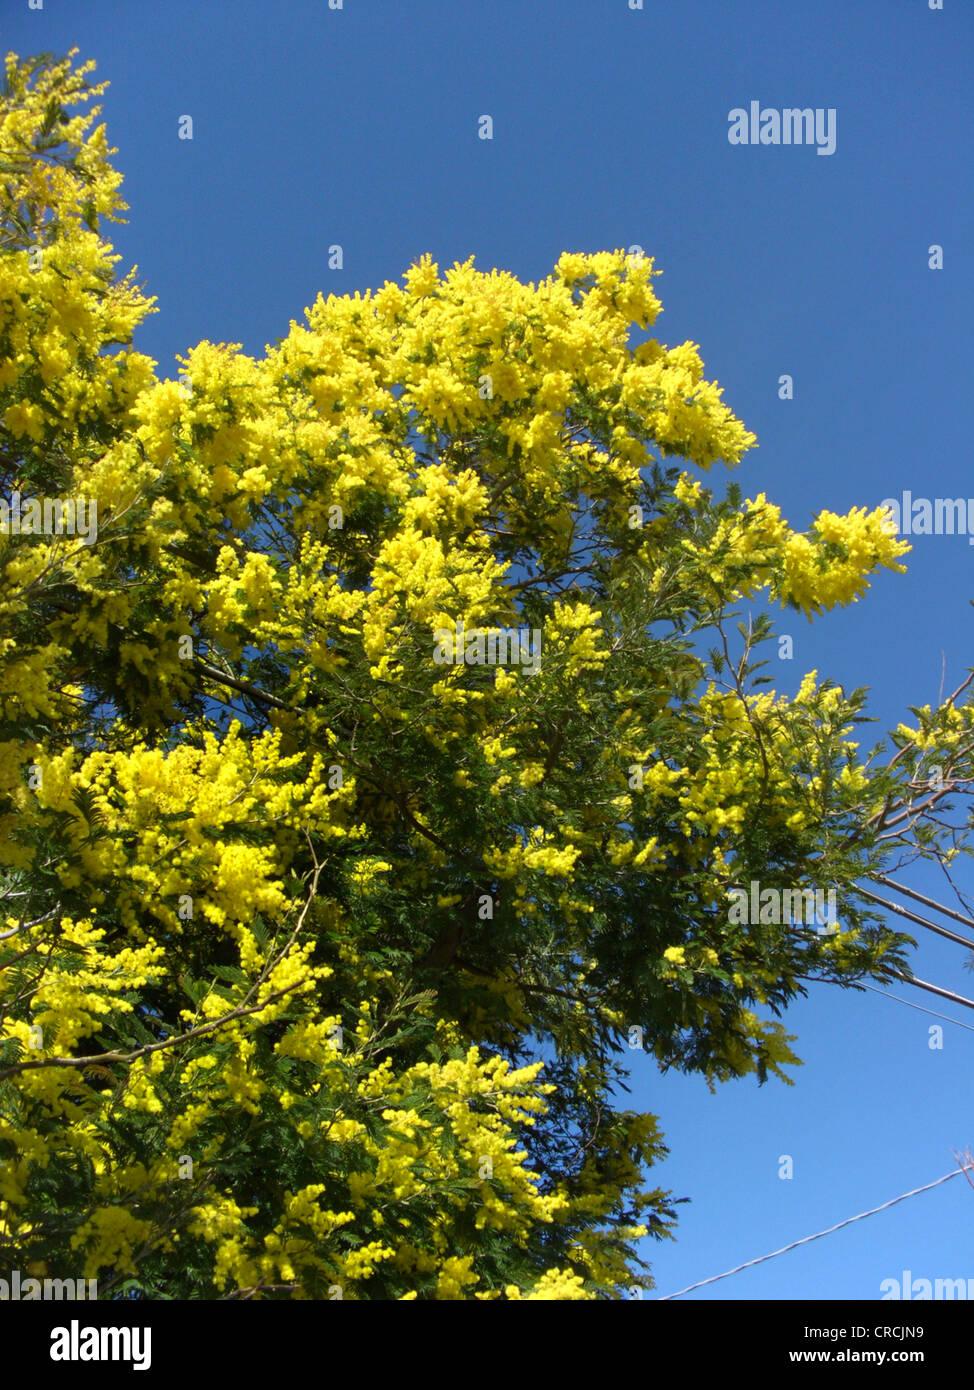 Graticcio di argento (Acacia dealbata), fioritura albero singolo Immagini Stock